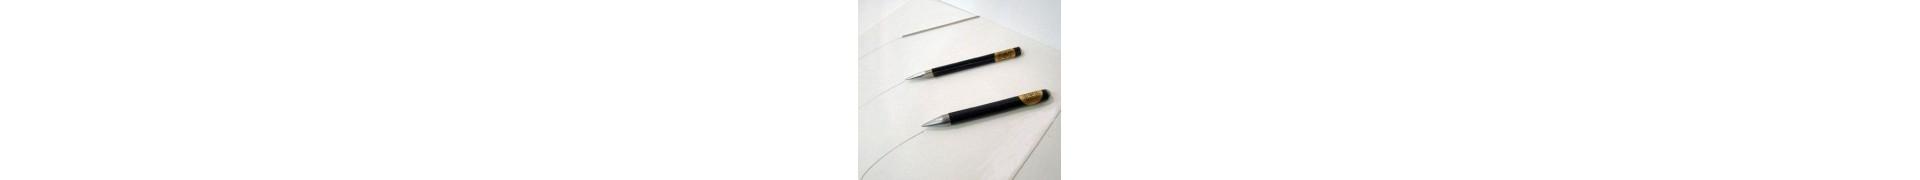 Crayon spécial  ZECCHI - Mine de plomb